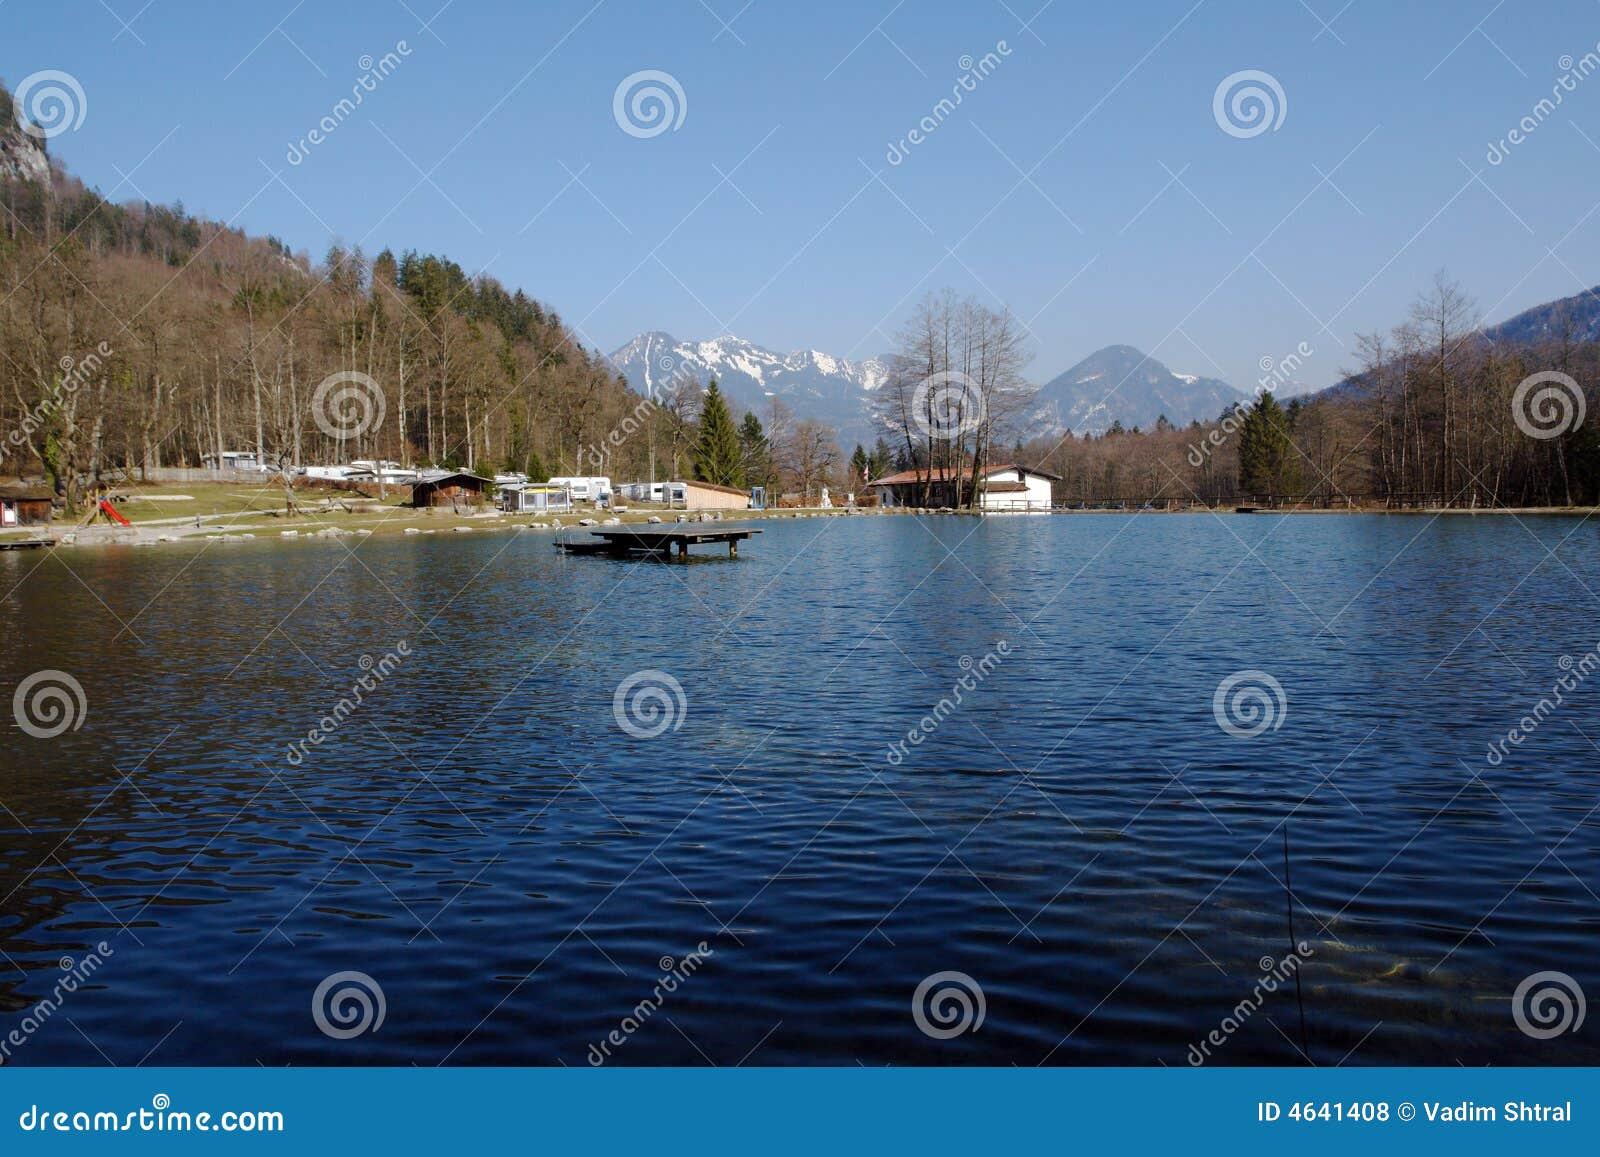 Lago e acampamento nas montanhas.